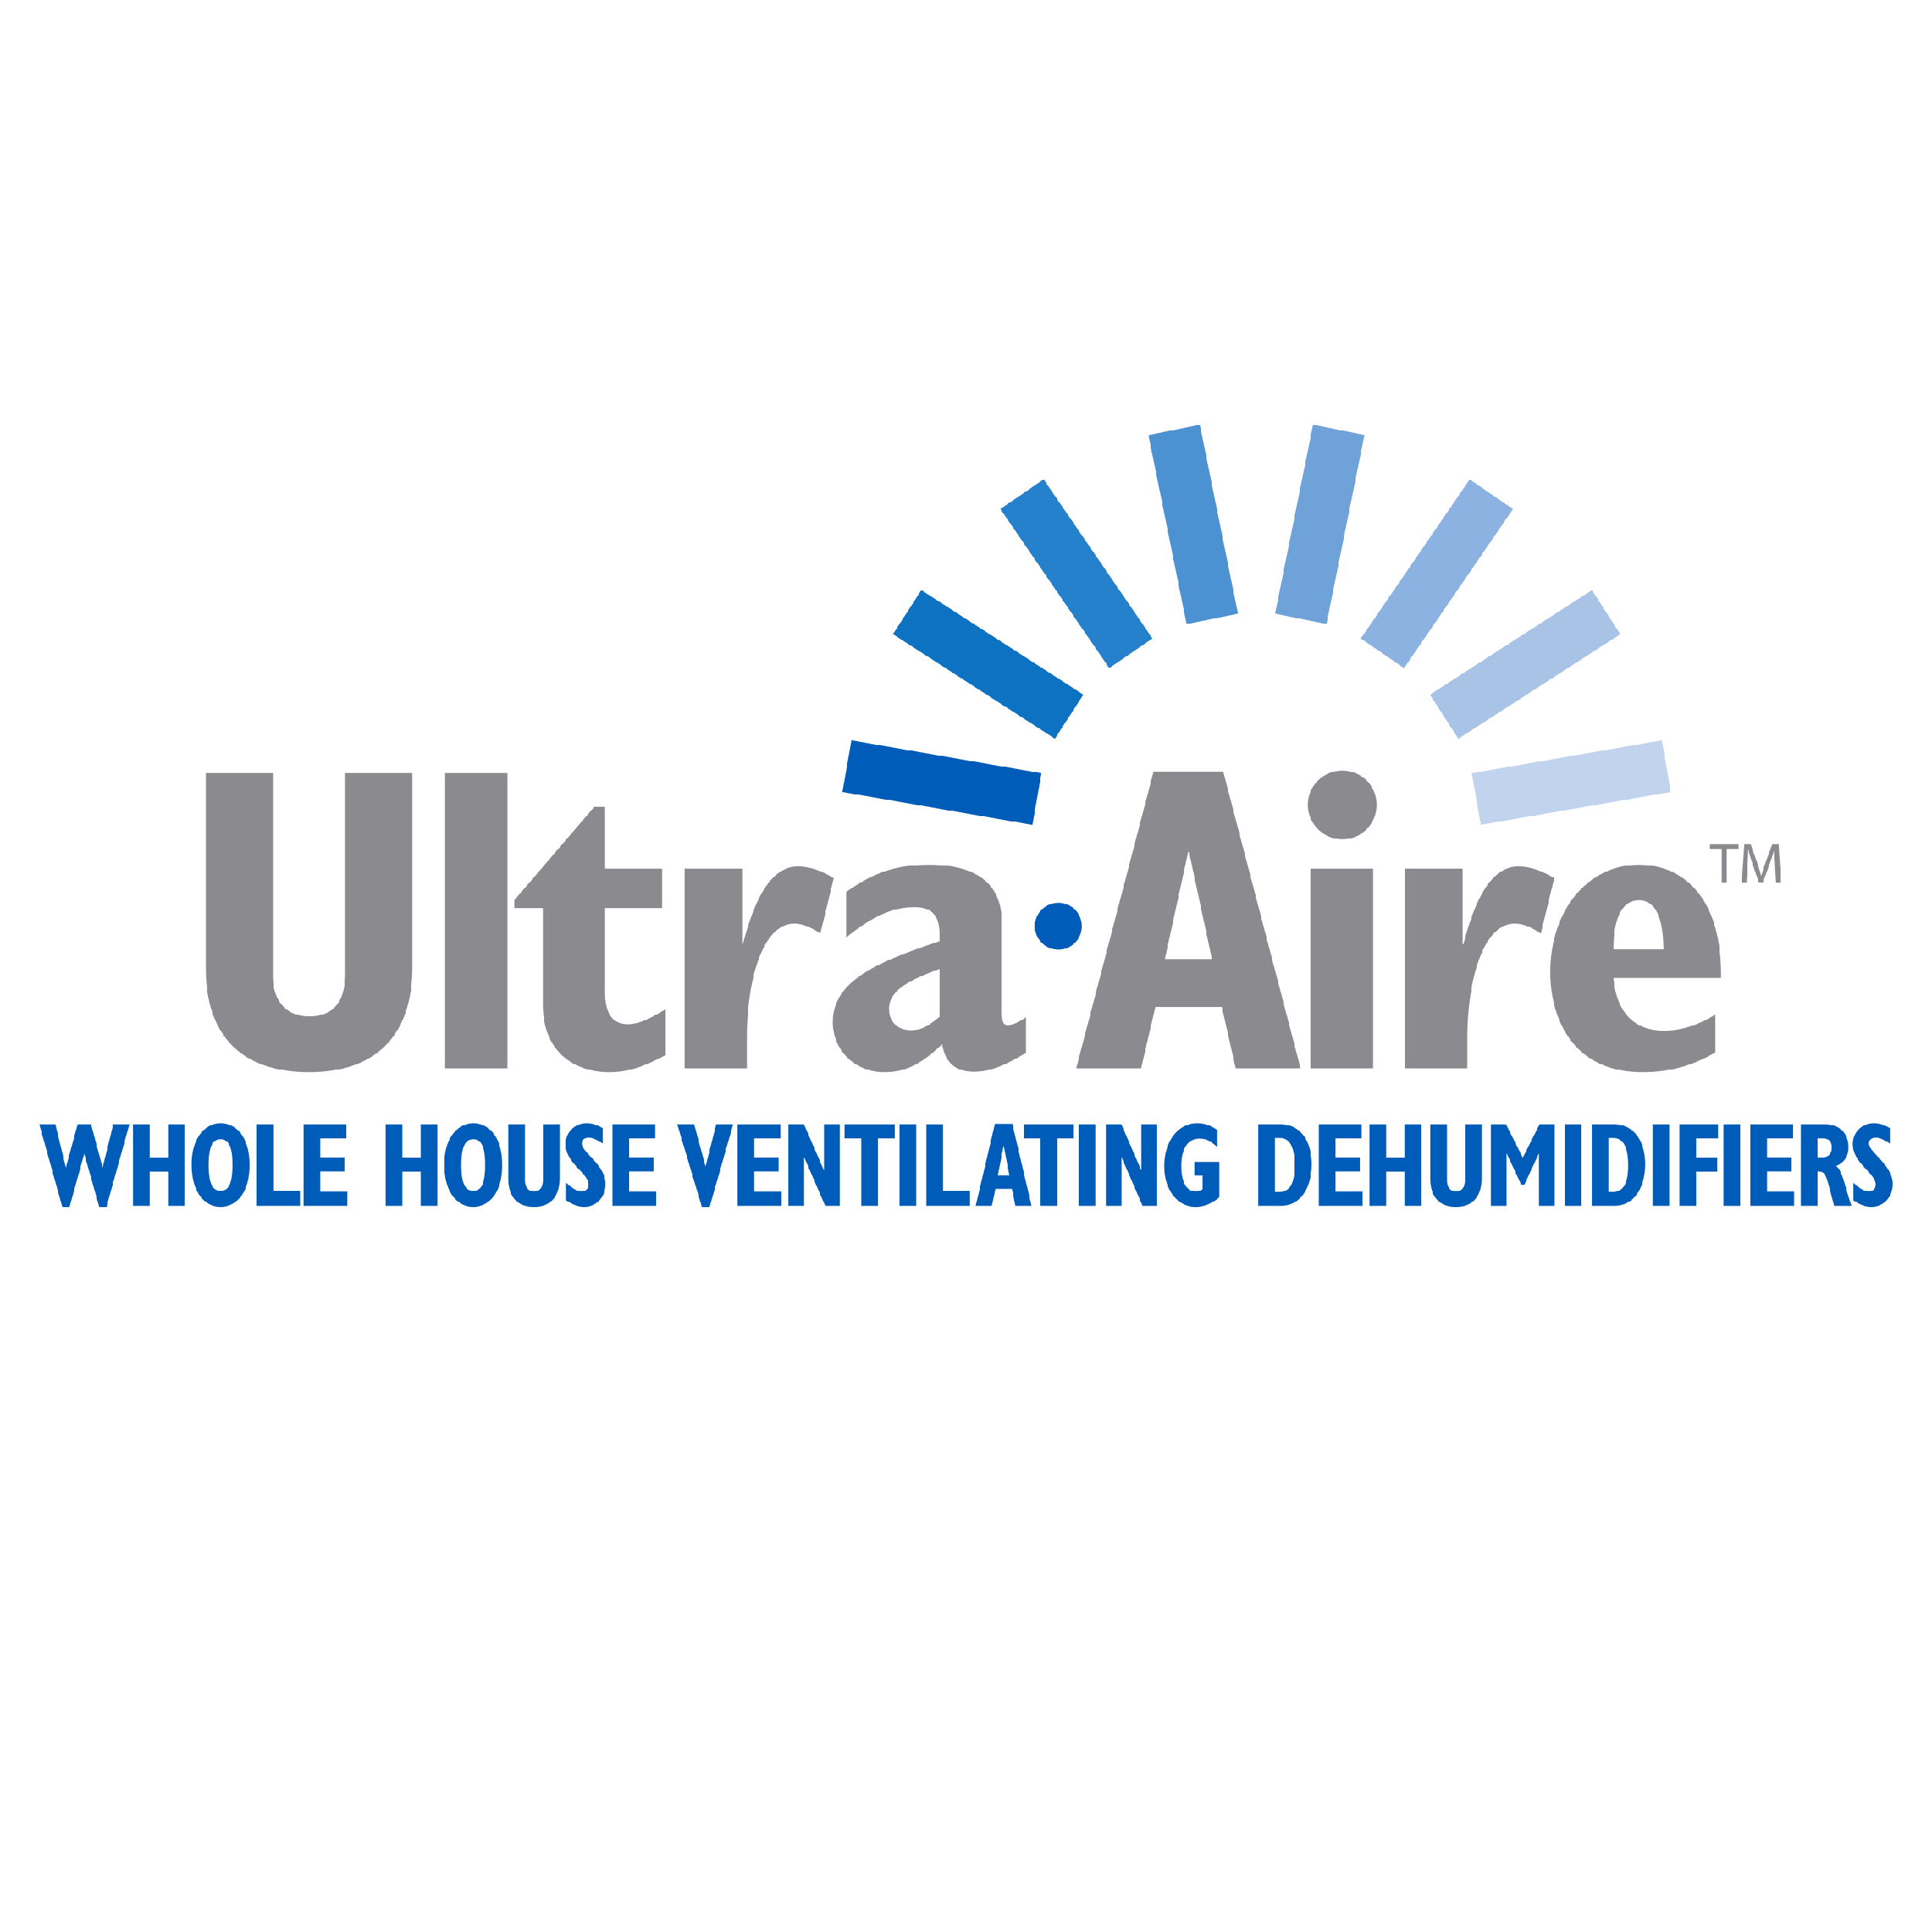 UltraAire